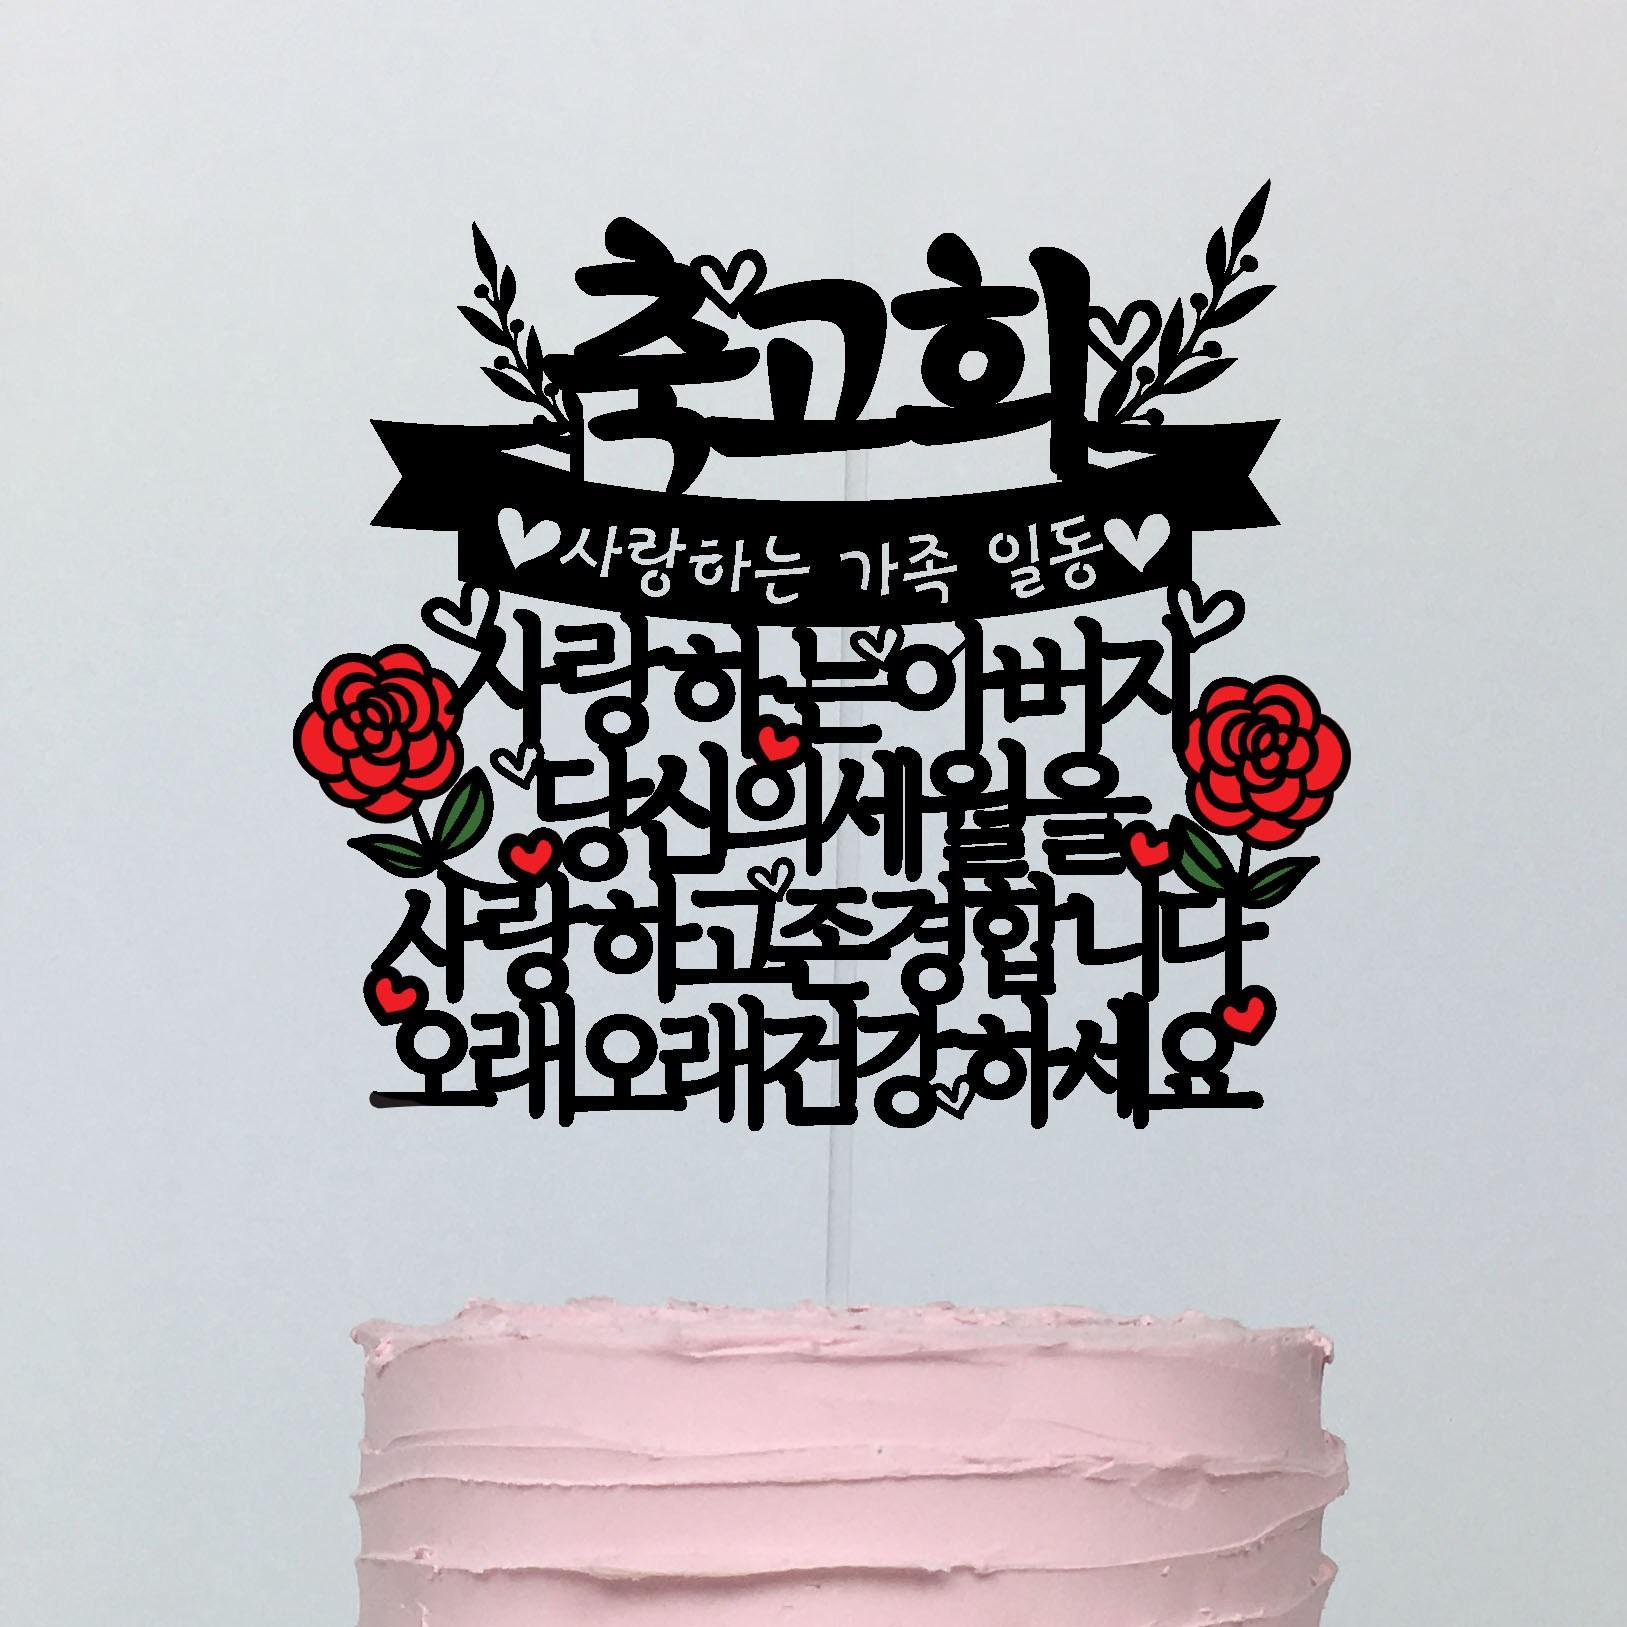 써봄토퍼 부모님선물 편지 생신 환갑 고희 케이크토퍼, 축고희-아버지